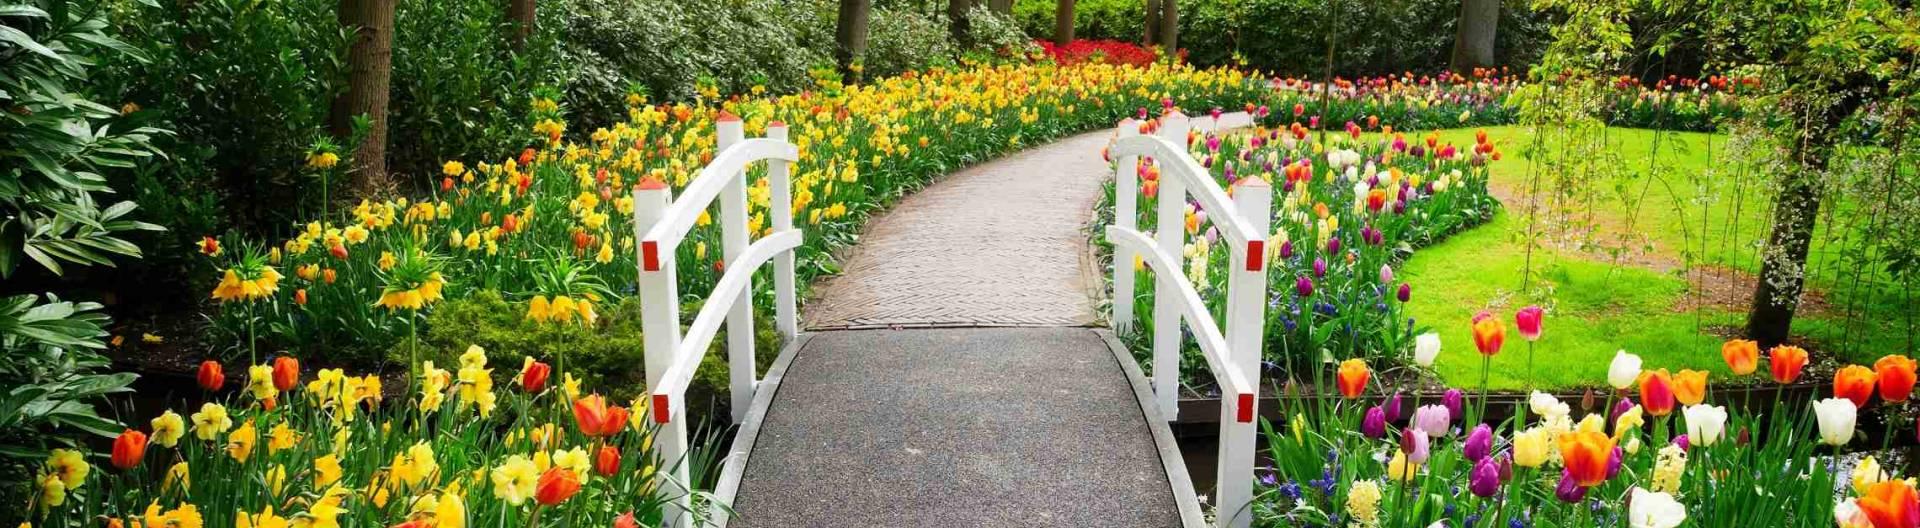 Keukenhofin-puutarha-Alankomaat-1920x528.jpg